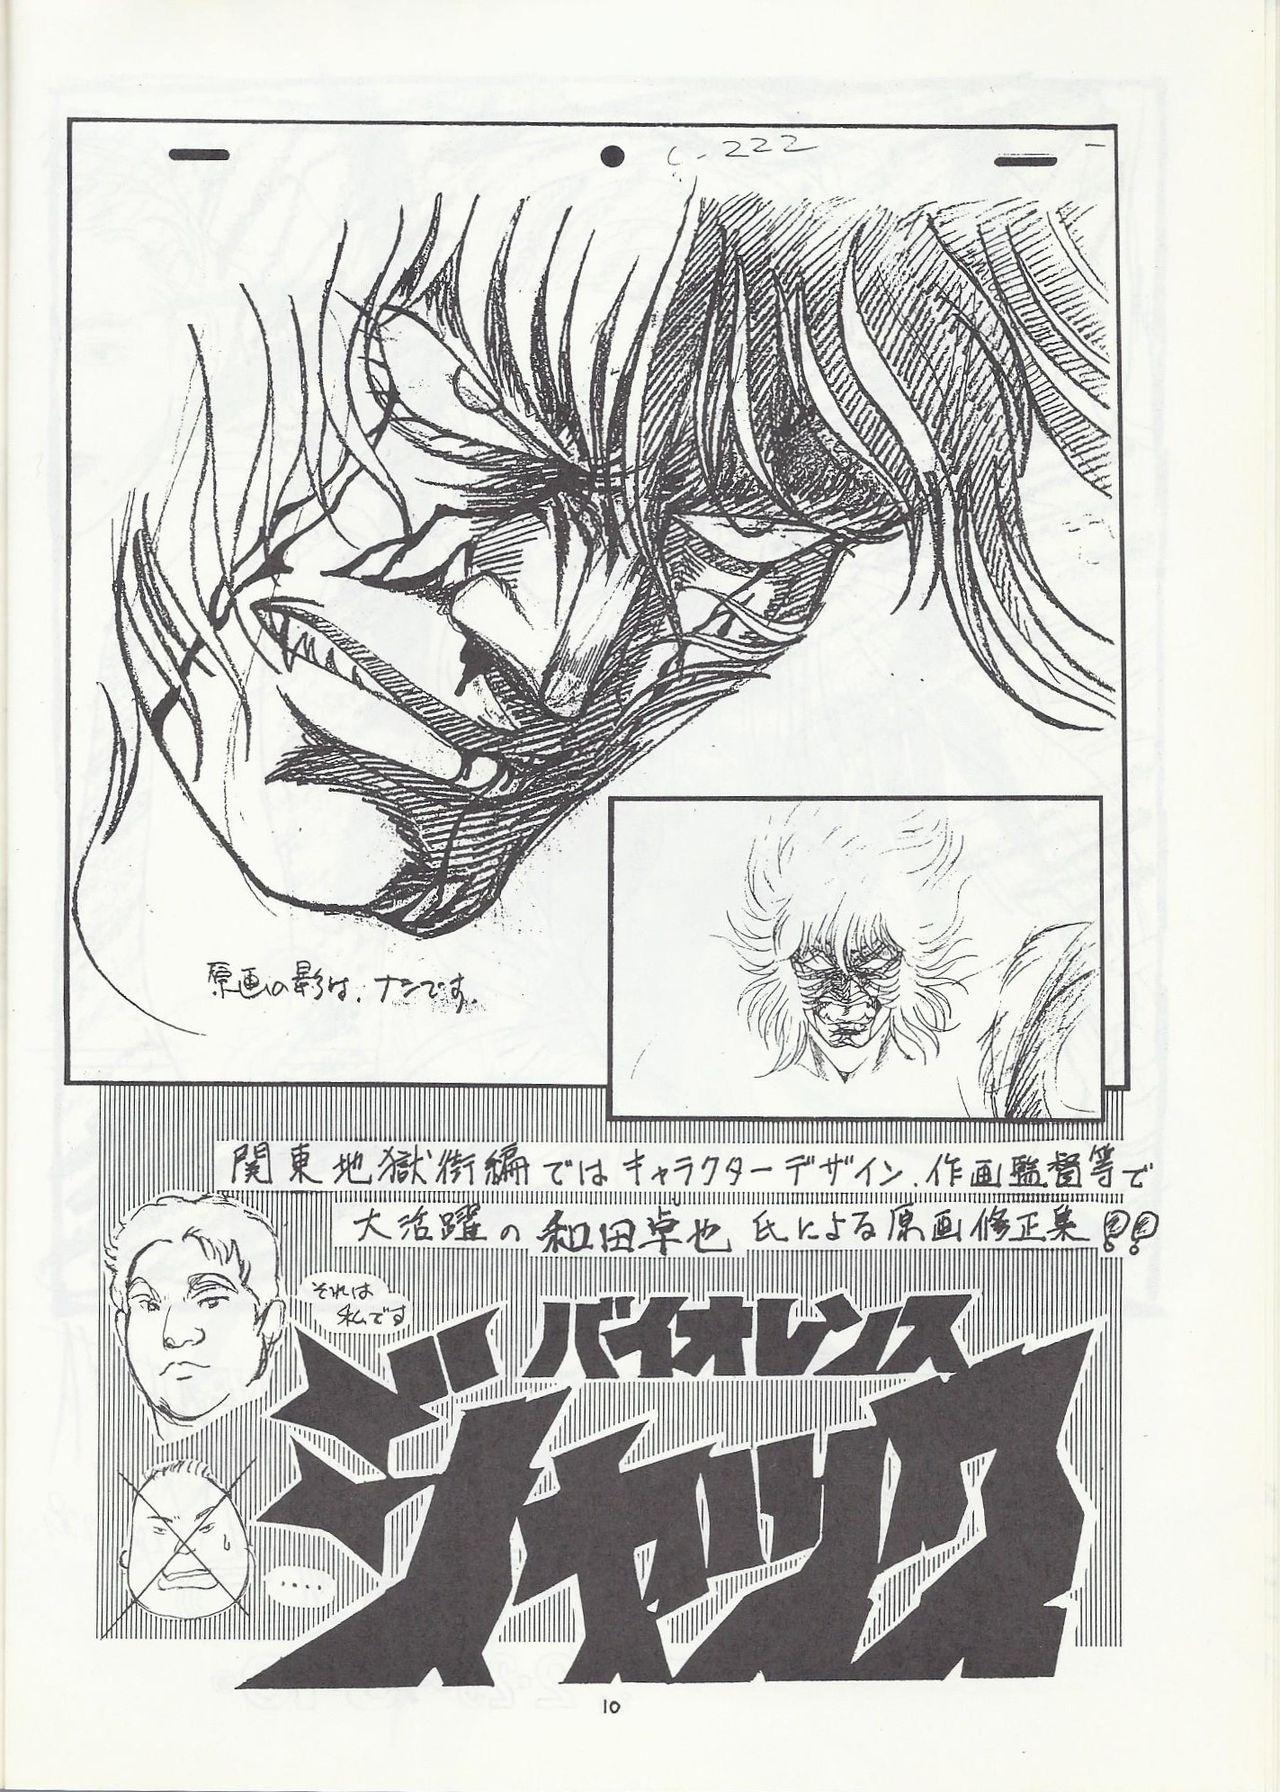 Studio DAST - SASA-NISHIKI SUPER-BLEND. 001. 9